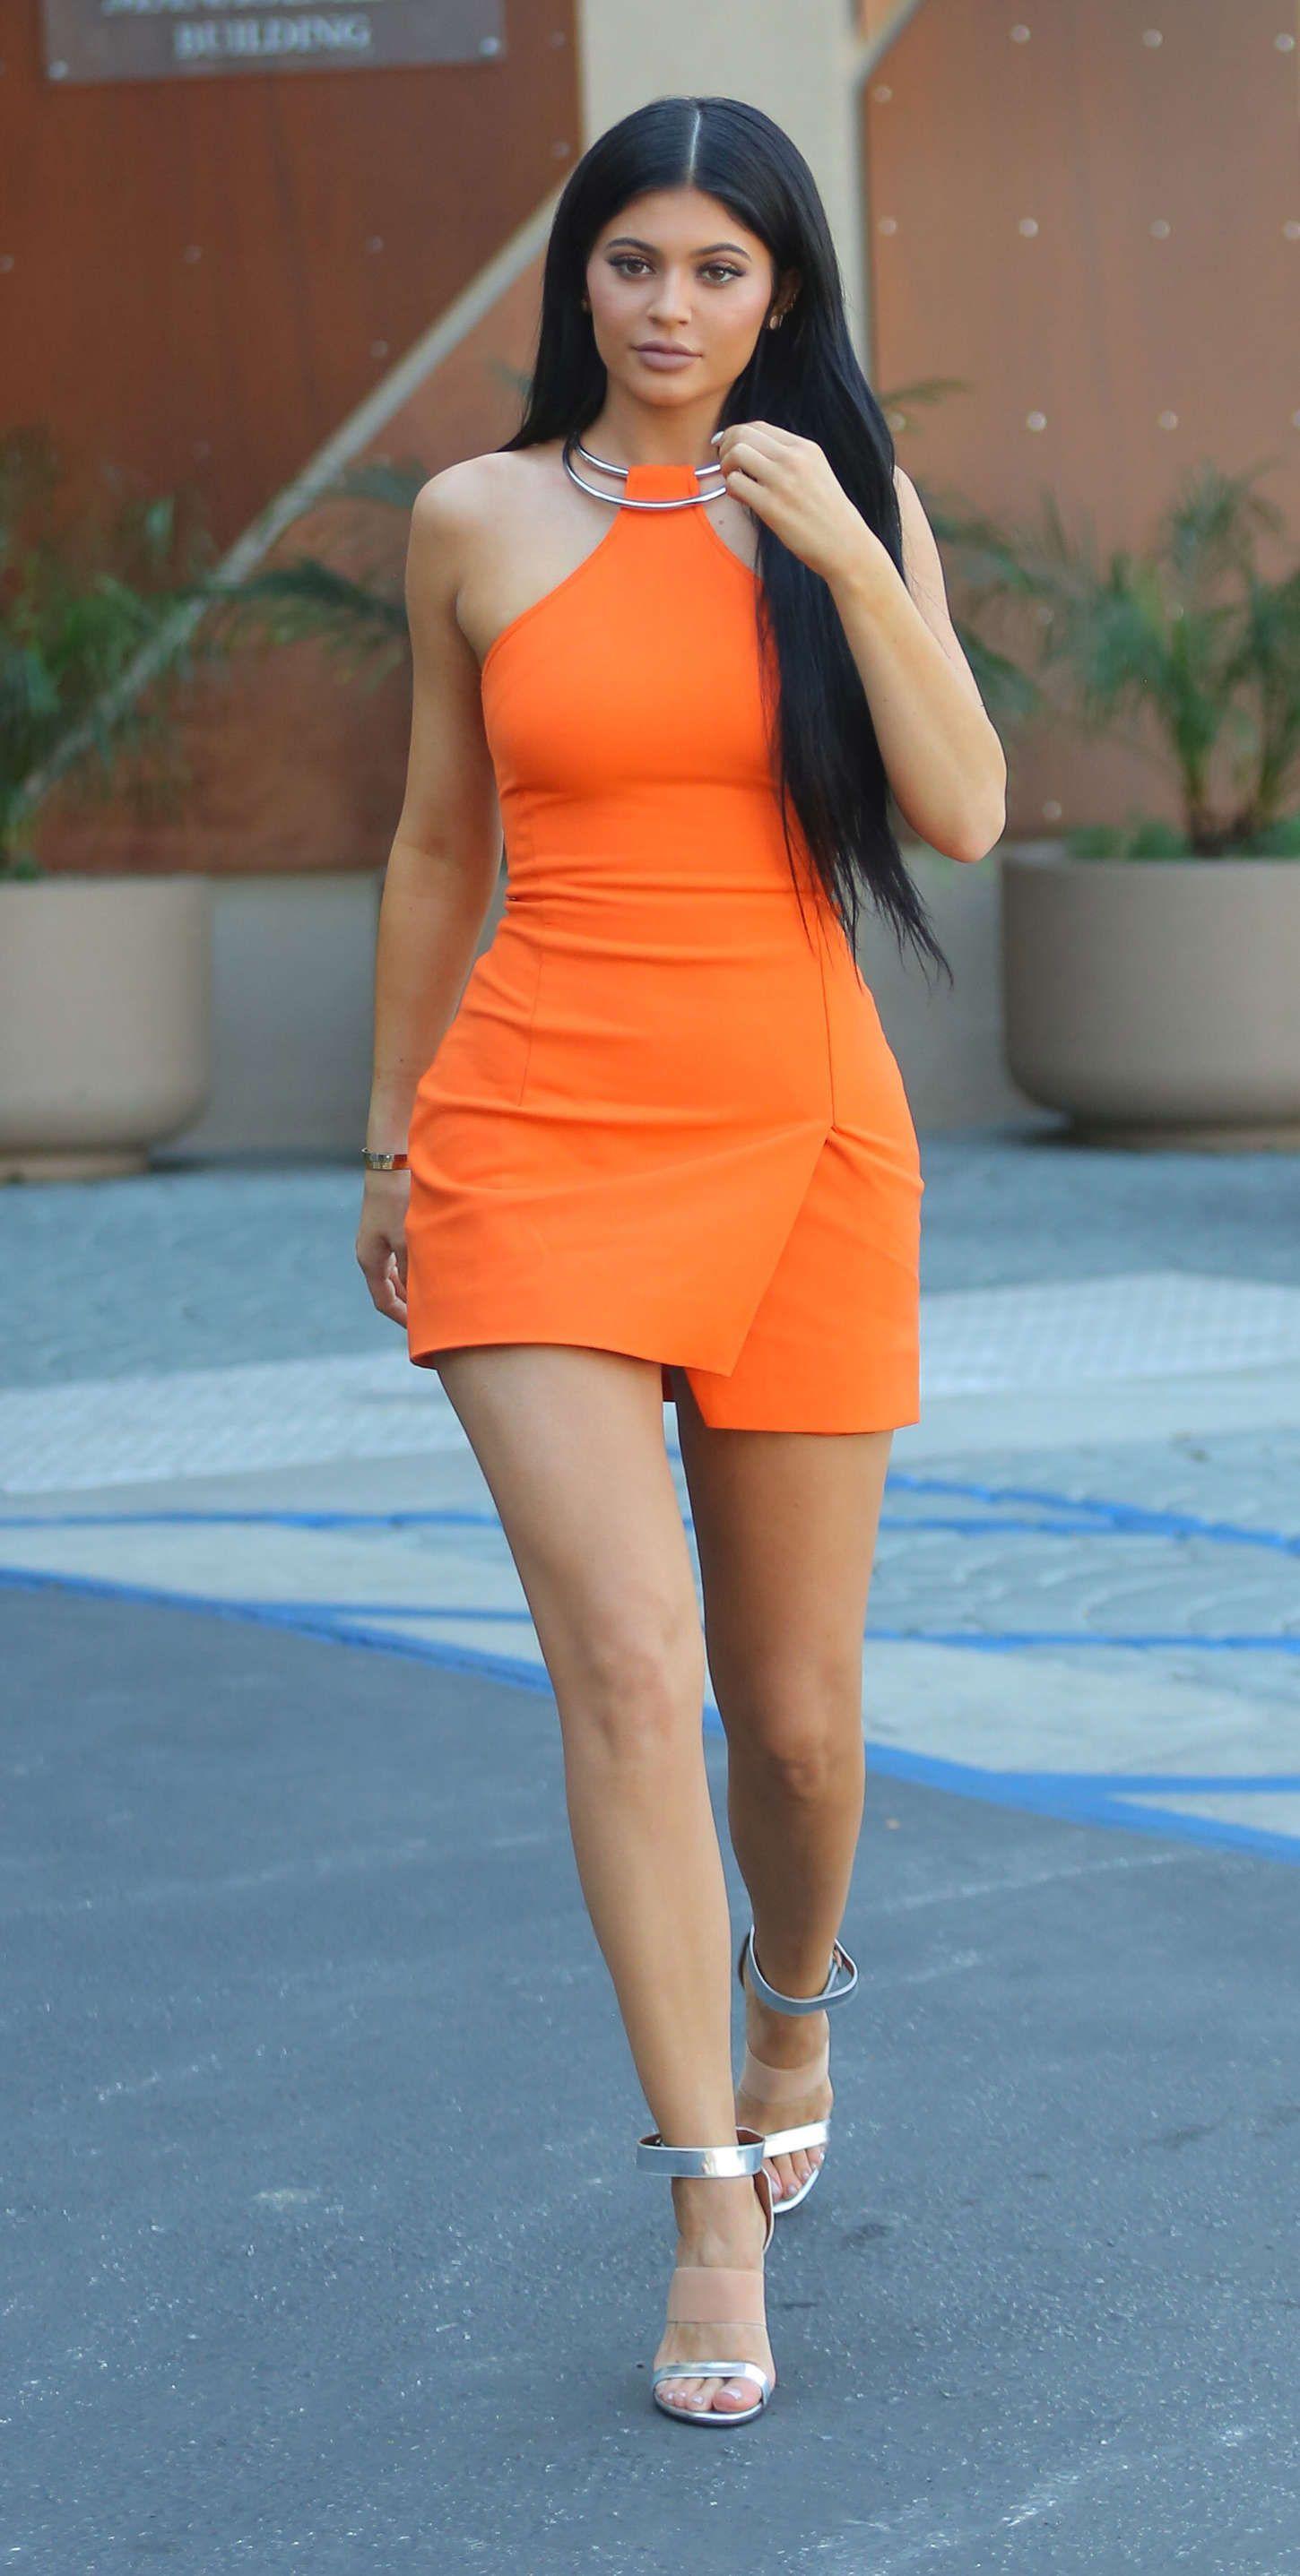 3daeabf925428 Kylie Jenner aux longues jambes en robe Orange dans LA - HD Photo ...